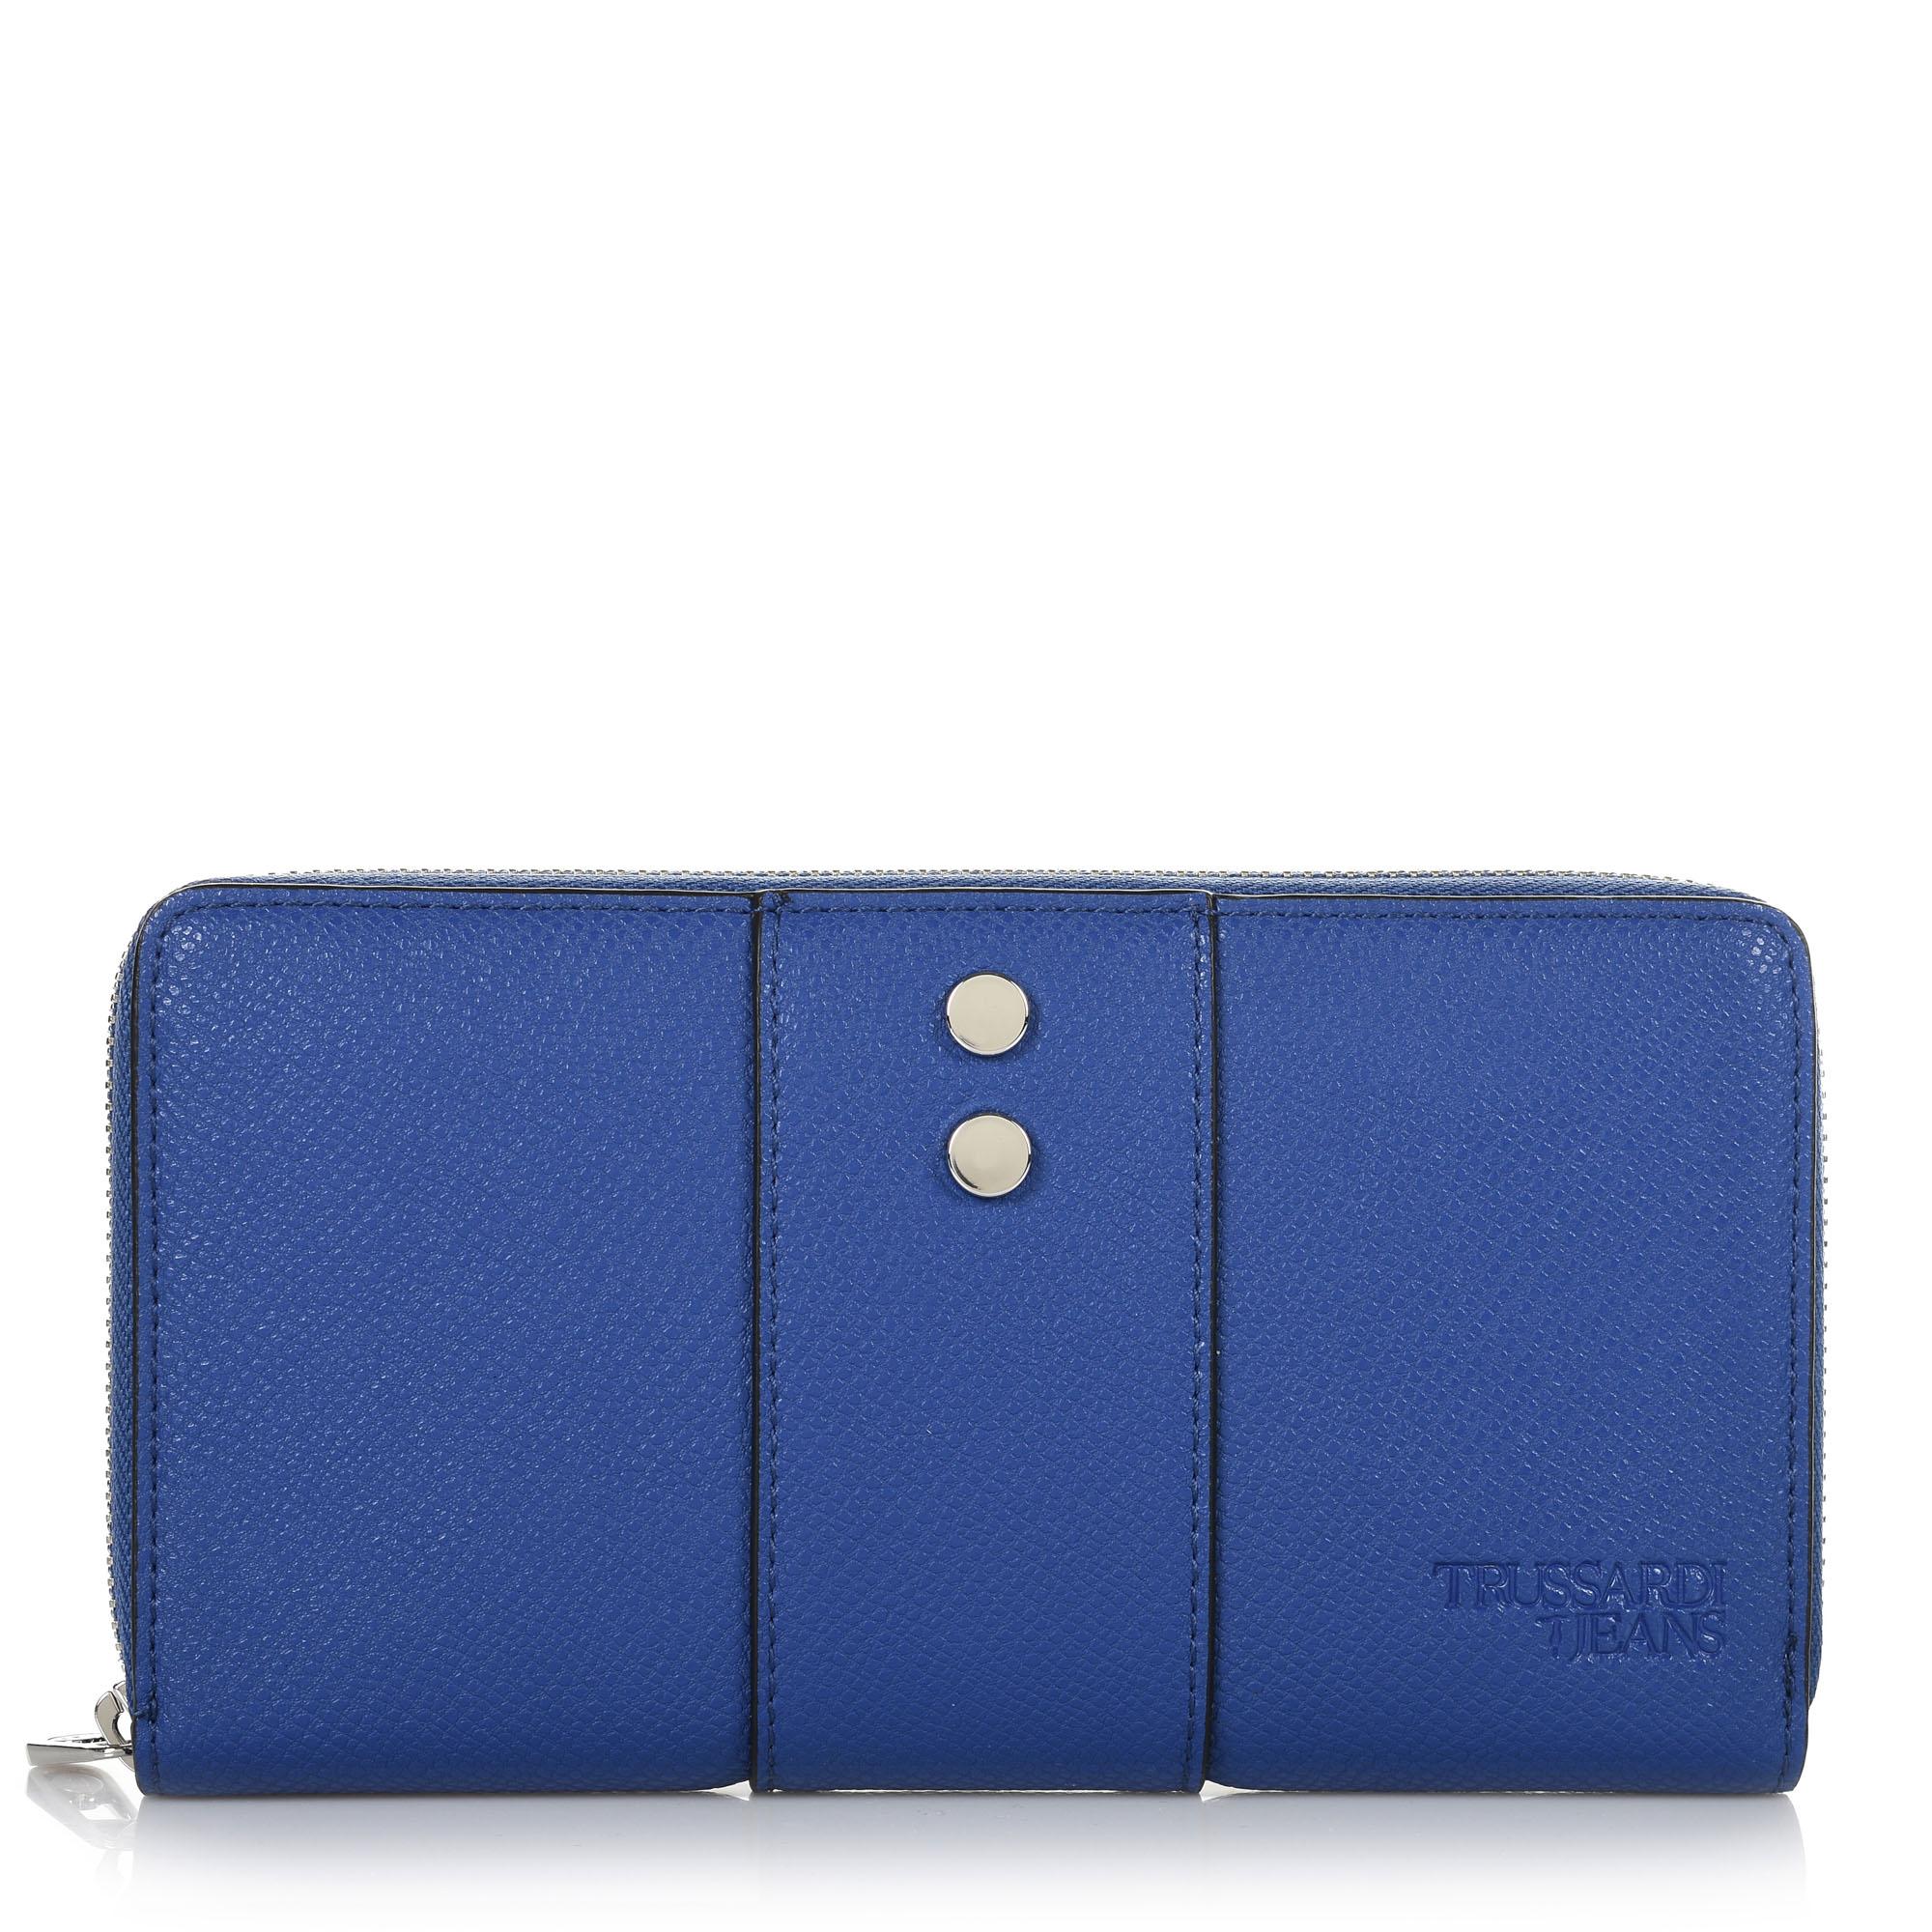 Δερμάτινο Πορτοφόλι Κασετίνα Trussardi Jeans Berry Zip 3 Pocket LG 75W00125